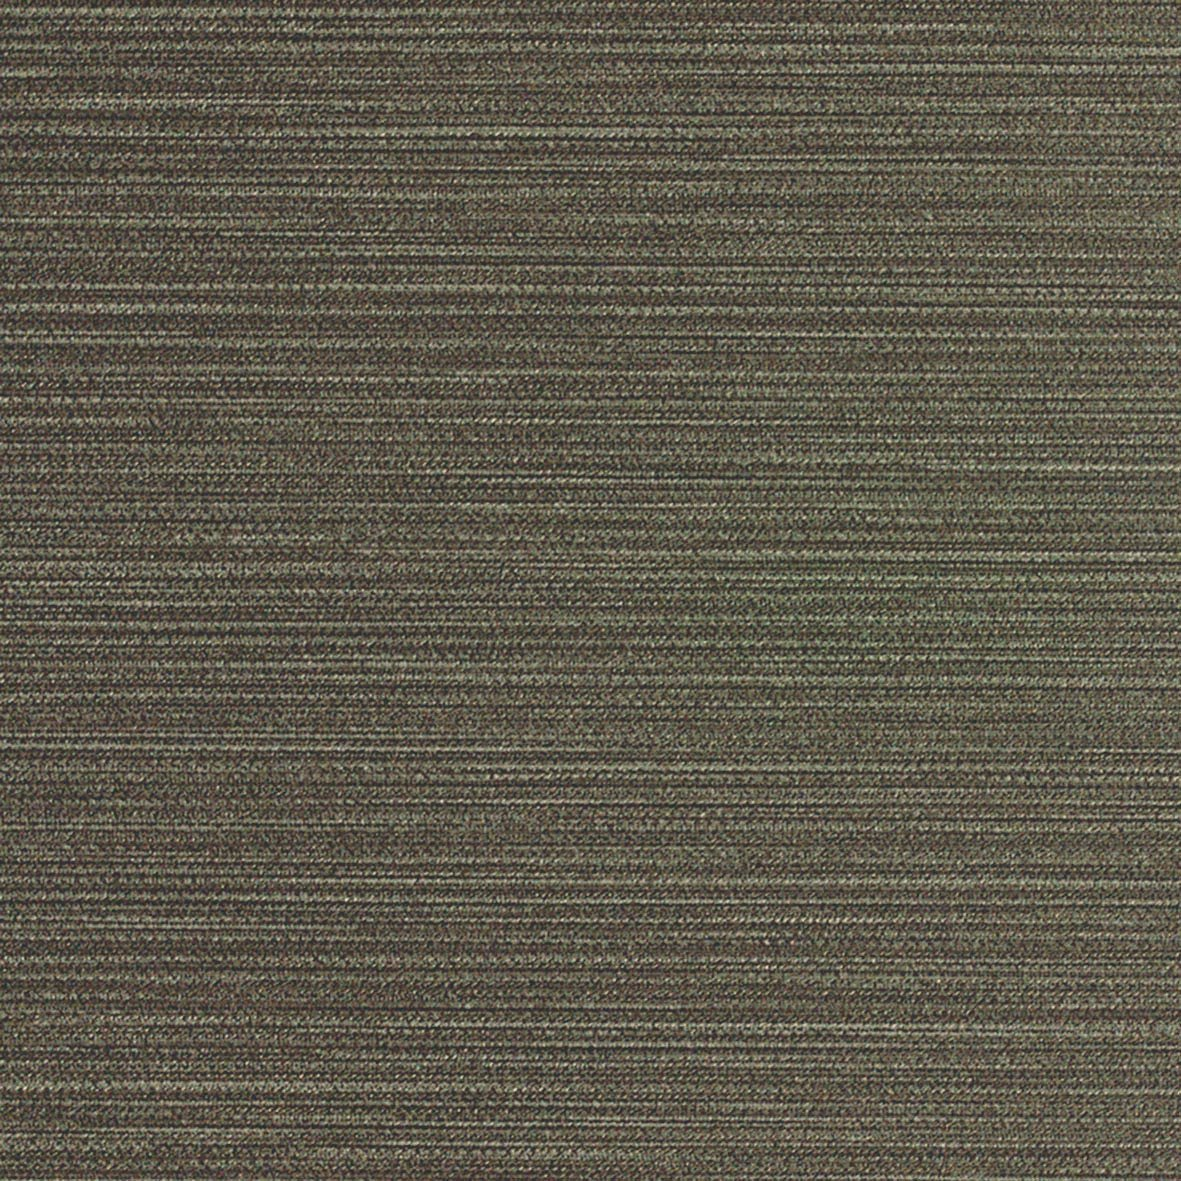 リリカラ 壁紙43m ナチュラル 織物調 ブラウン 撥水トップコートComfort Selection-消臭- LW-2141 B07613W5TQ 43m|ブラウン3